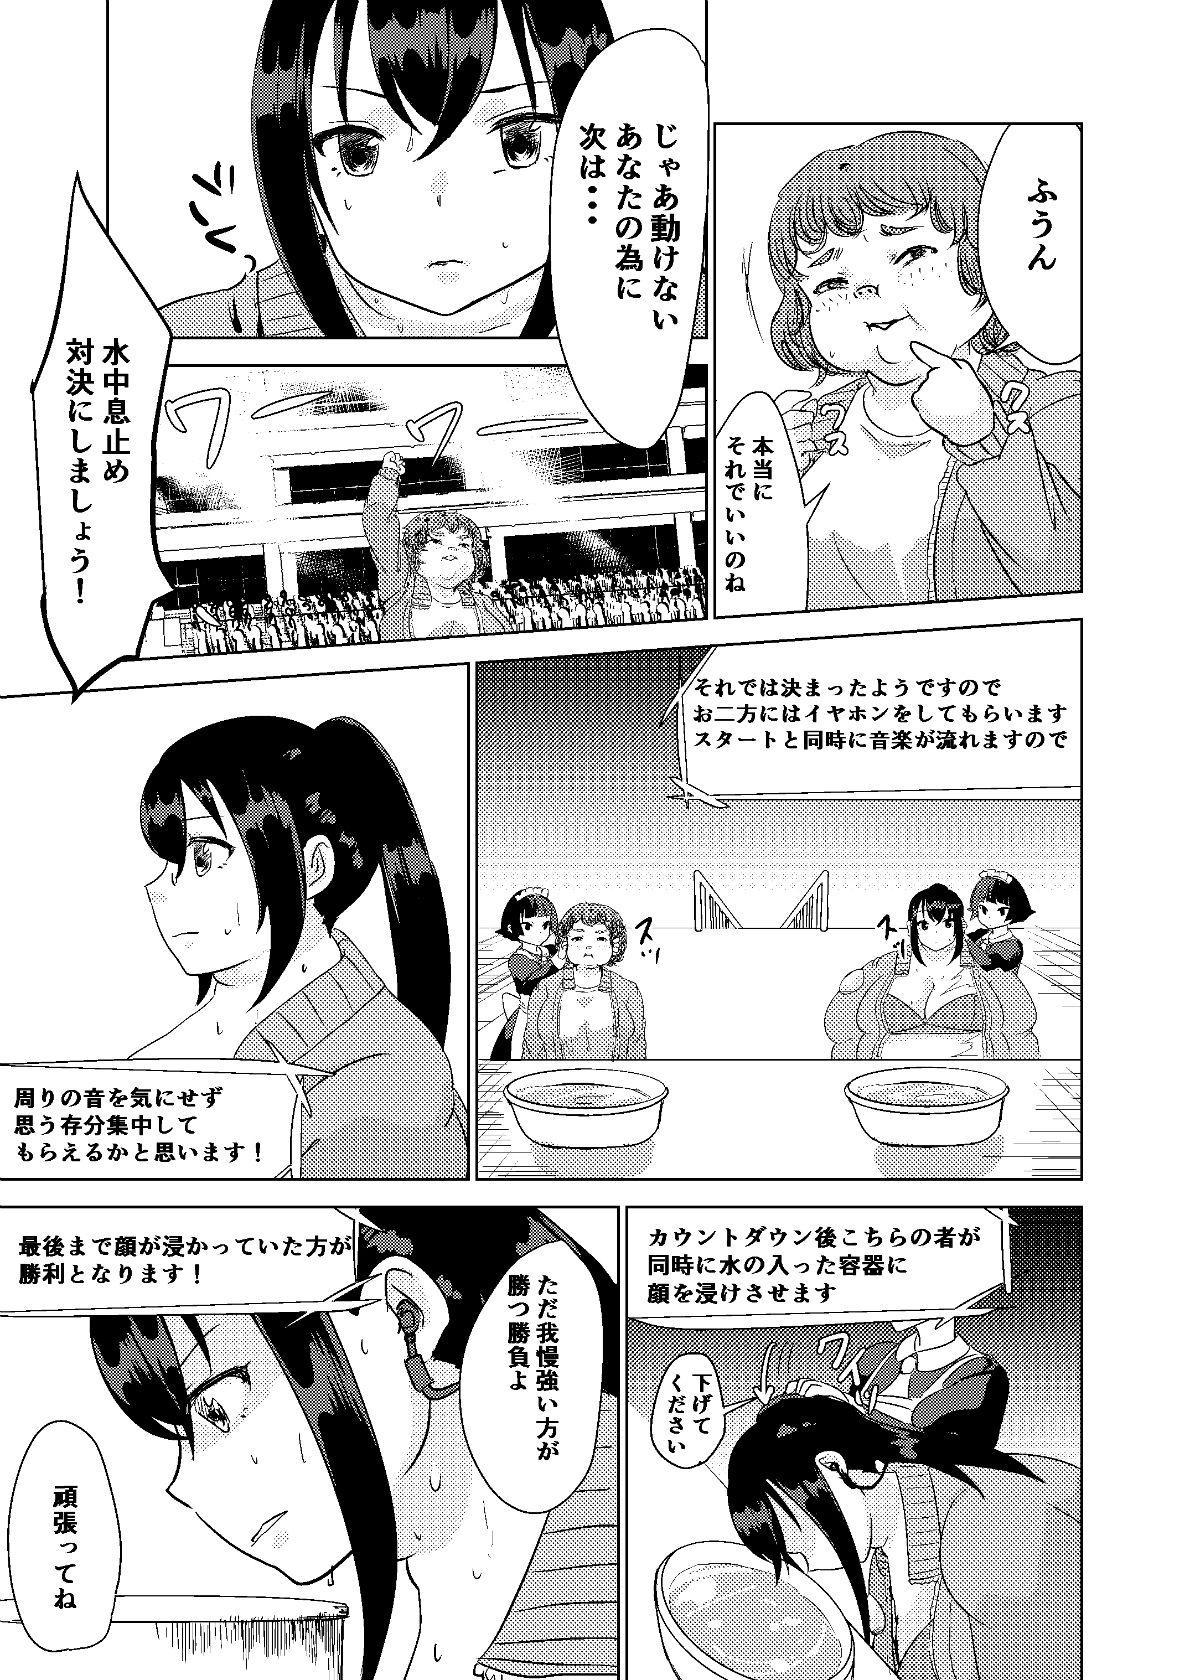 Kyou kara Watashi wa Anata ni Naru. 24